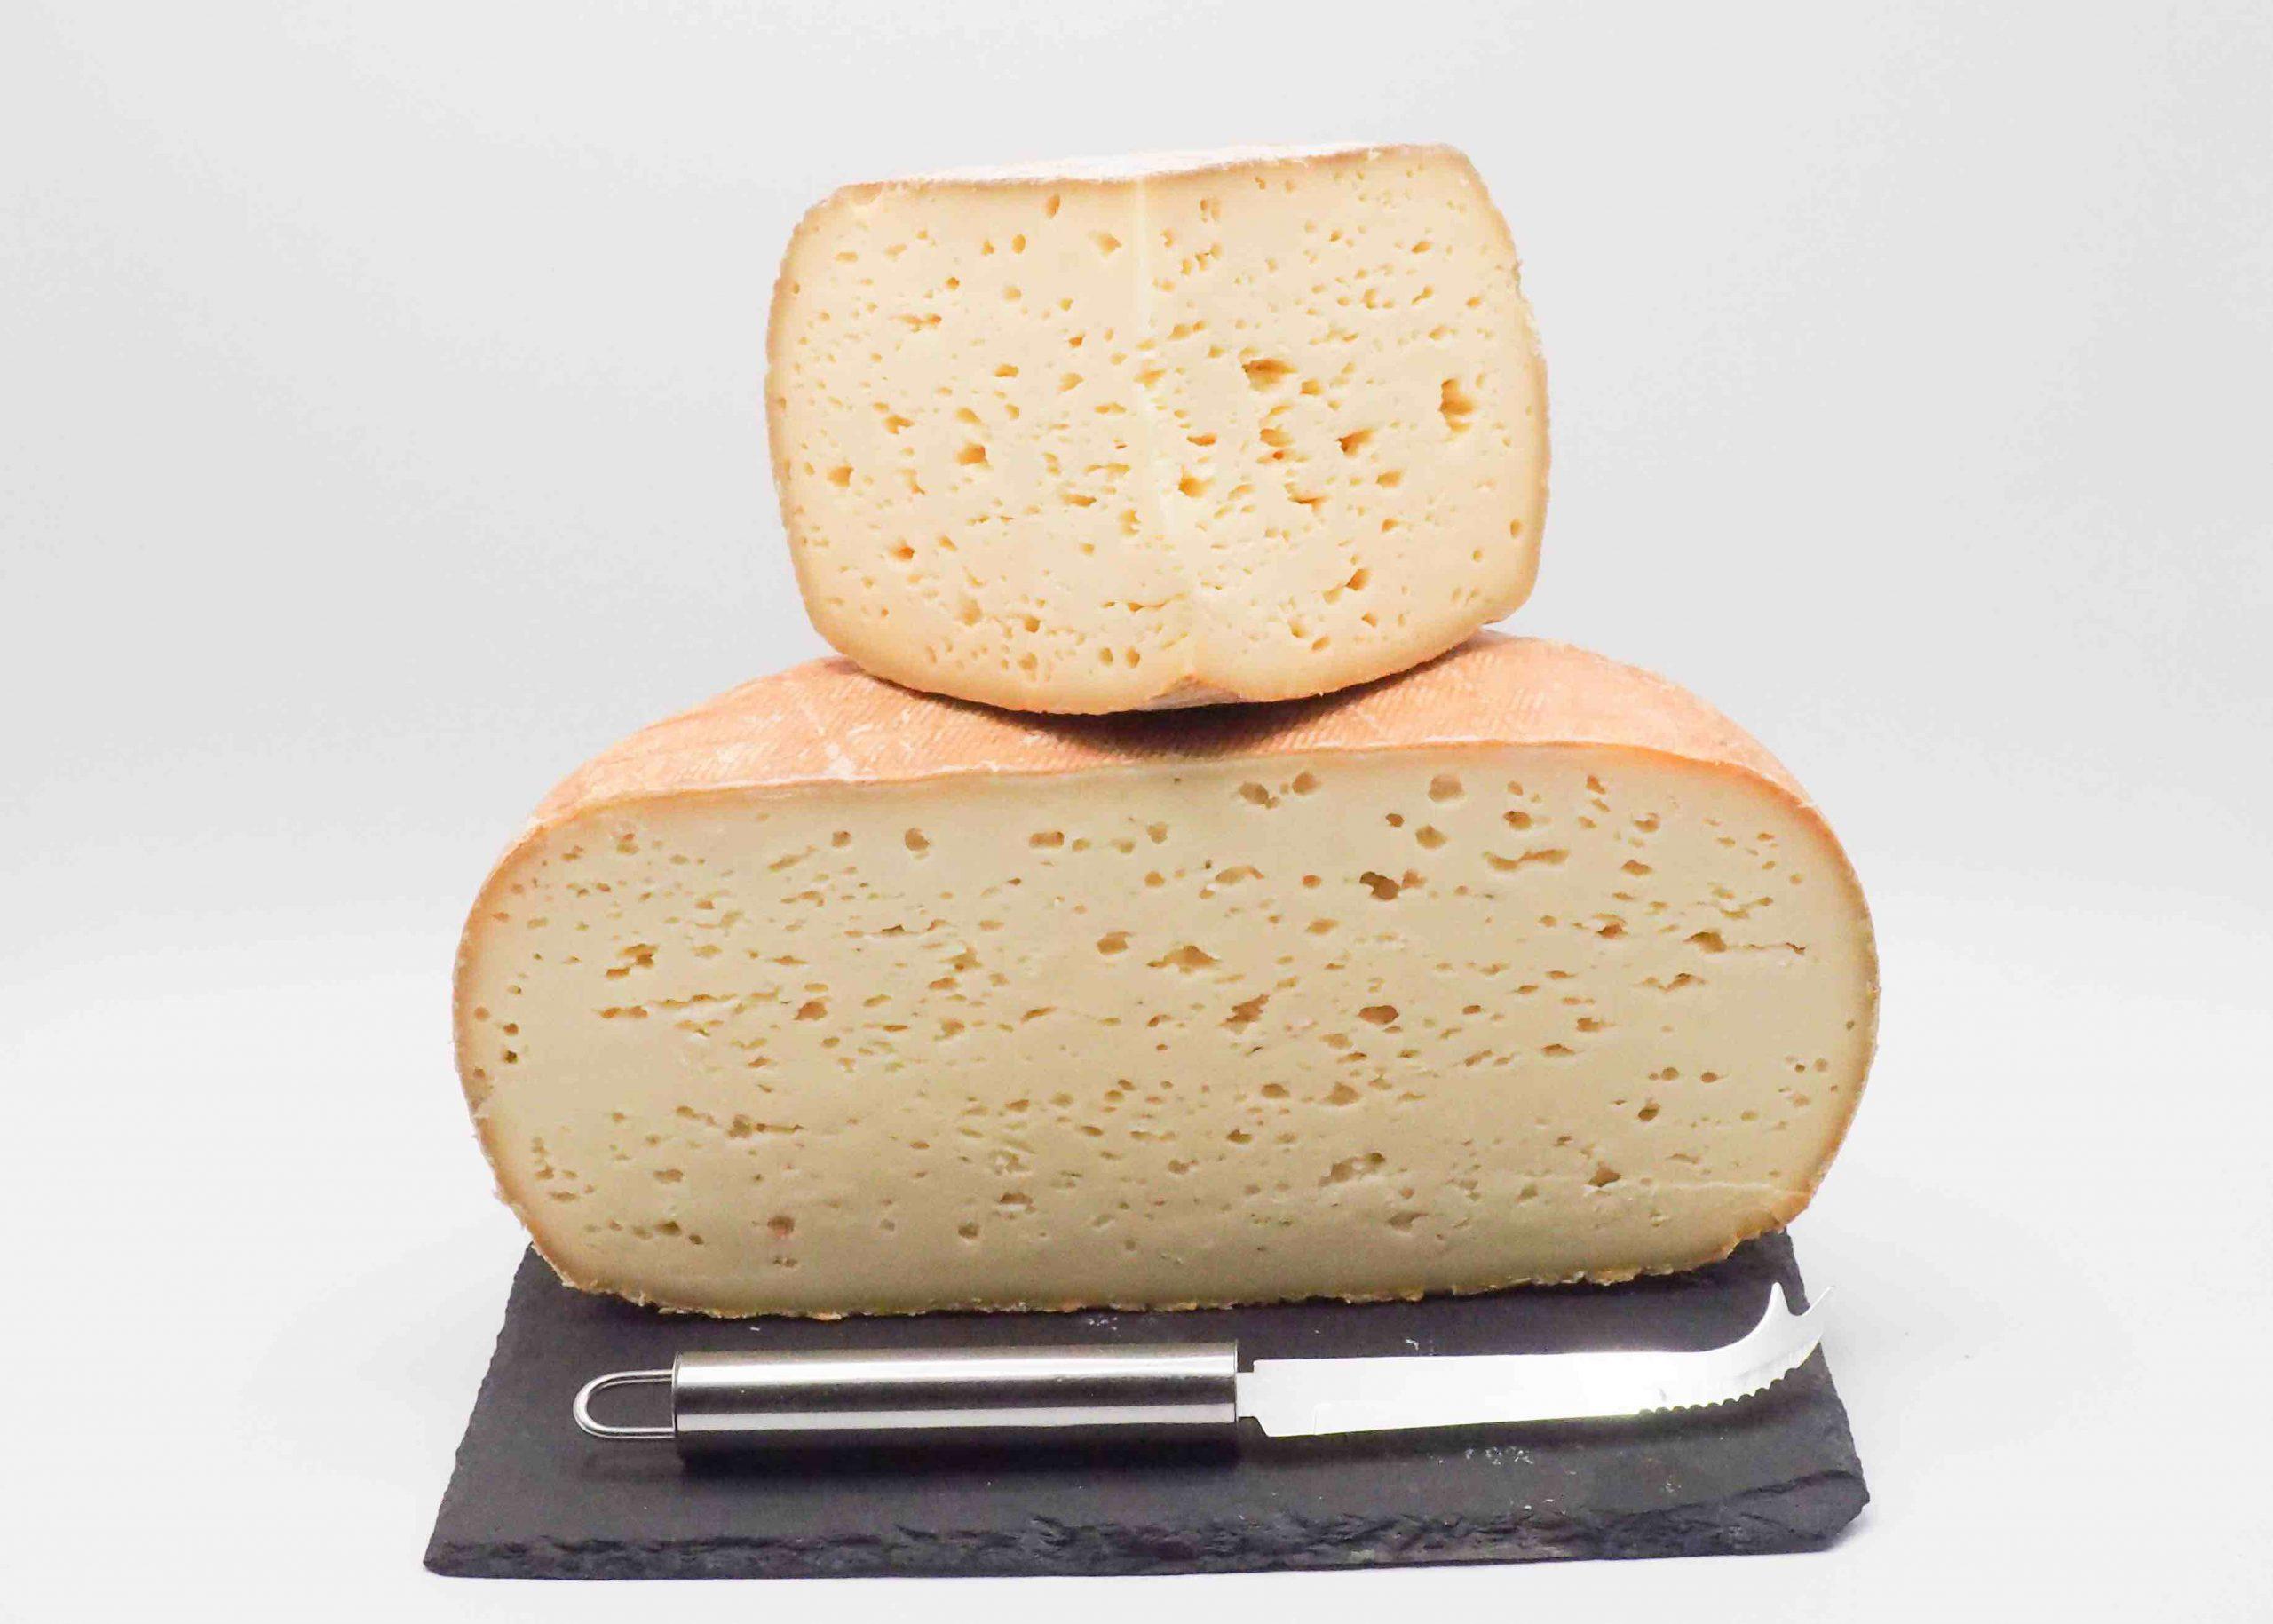 Achetez en ligne du fromage chez Fromage Napoléon. Vente en ligne. Fromage des Pyrénées le Bethmale